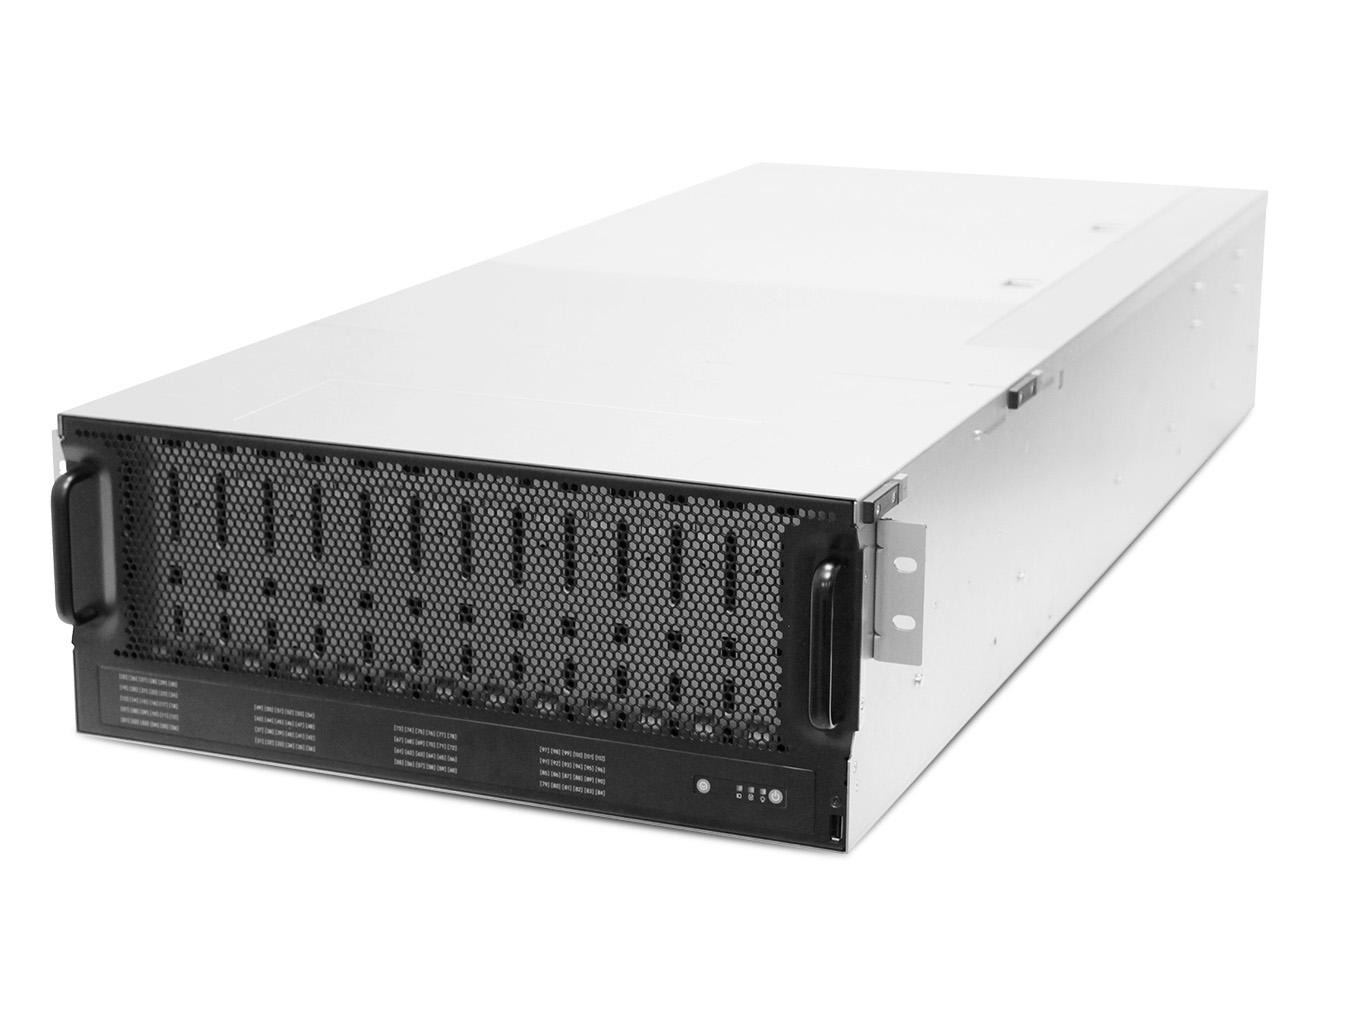 AIC SB405-PV XP1-S405PV01 4U 102-Bay Storage Server